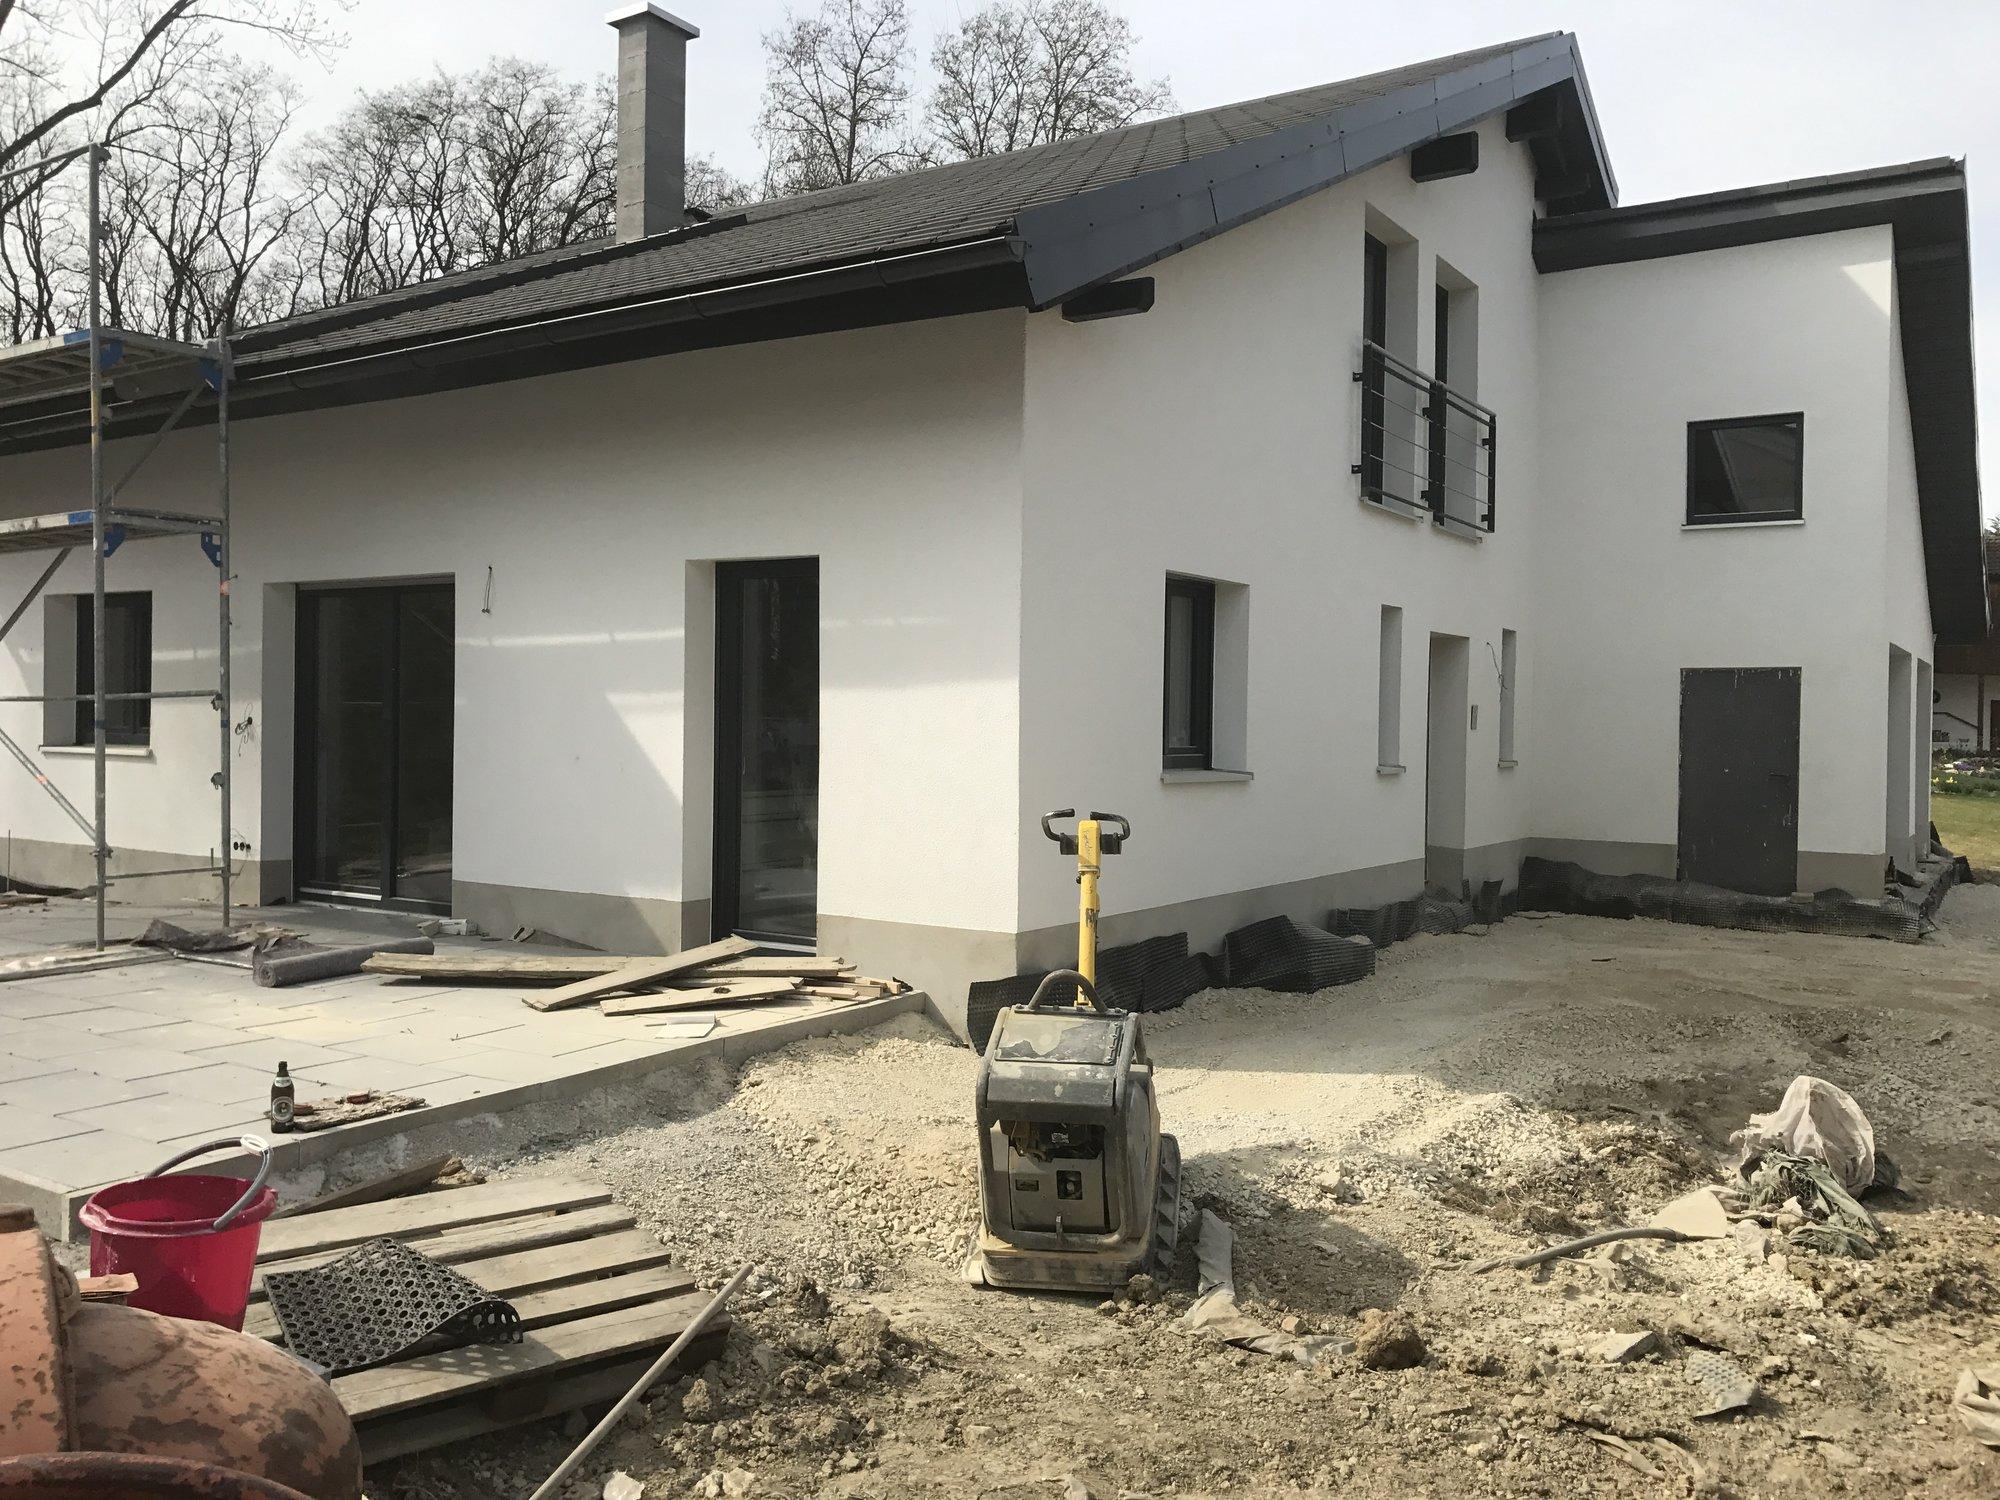 Outdoor Küche Grillsportverein : Bau einer outdoor küche grillforum und bbq grillsportverein